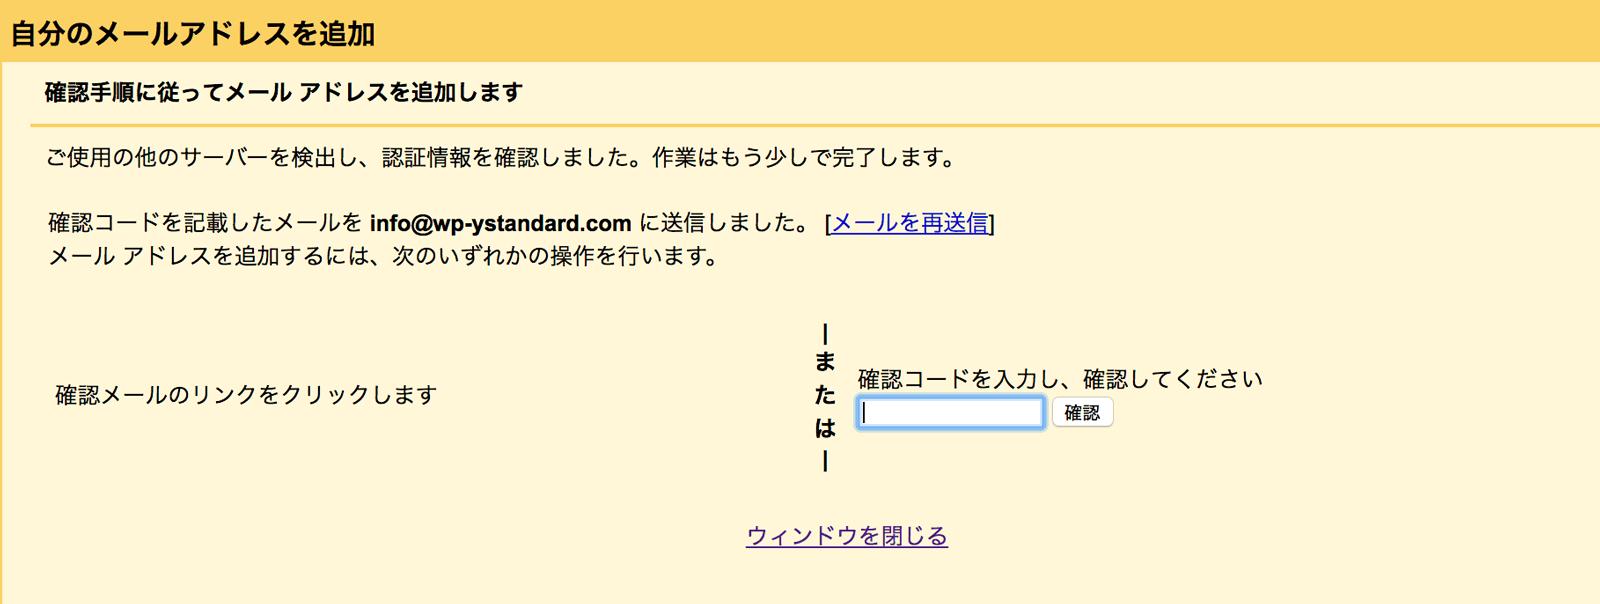 確認用メールが届くので、メール内のリンクをクリックするか、確認コードを入力します